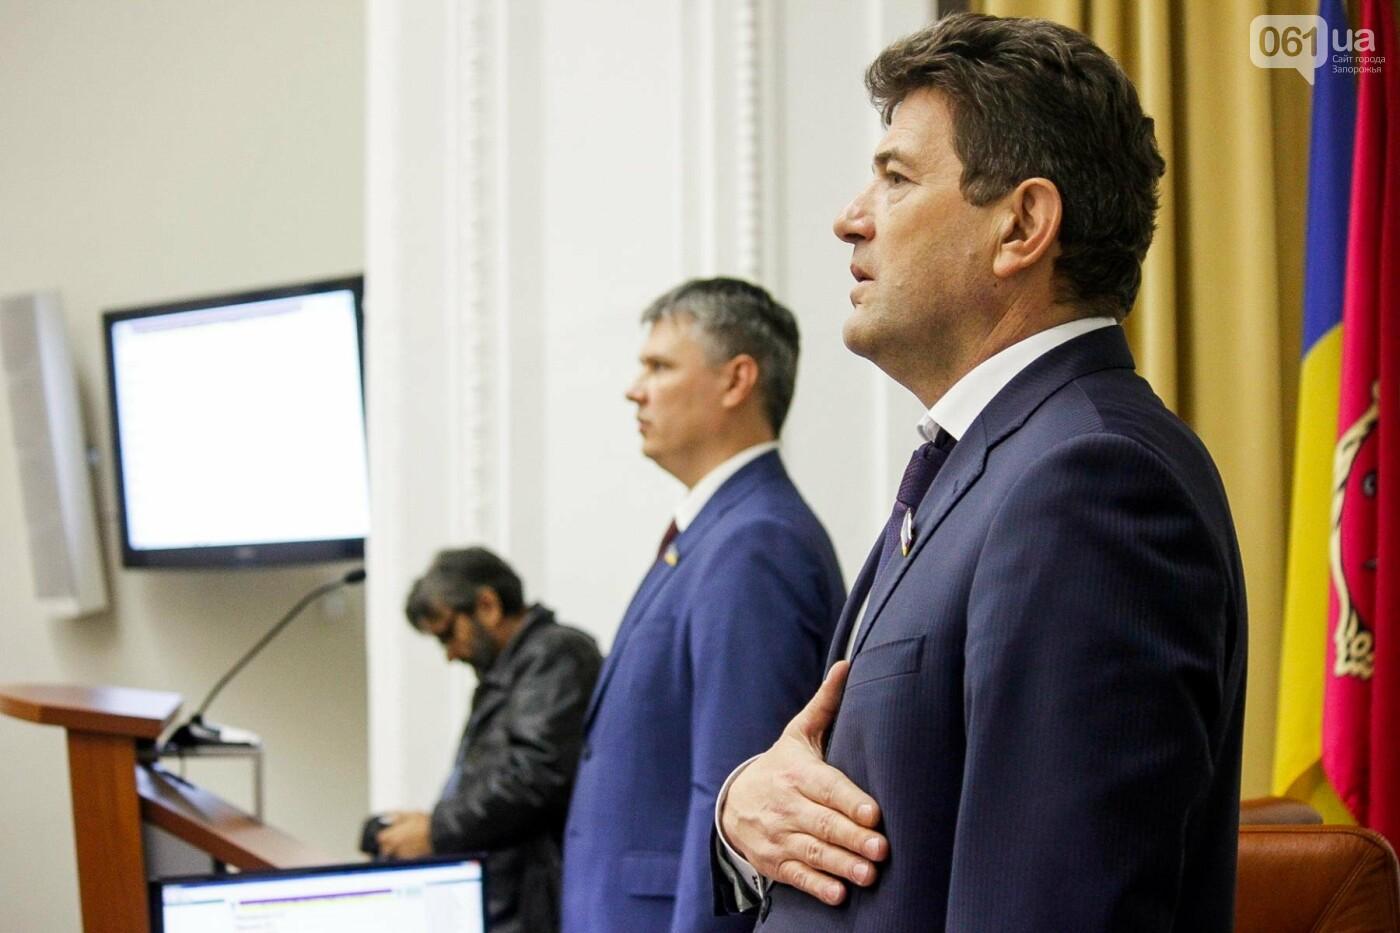 Сессия запорожского горсовета в 55 фотографиях, - ФОТОРЕПОРТАЖ, фото-50